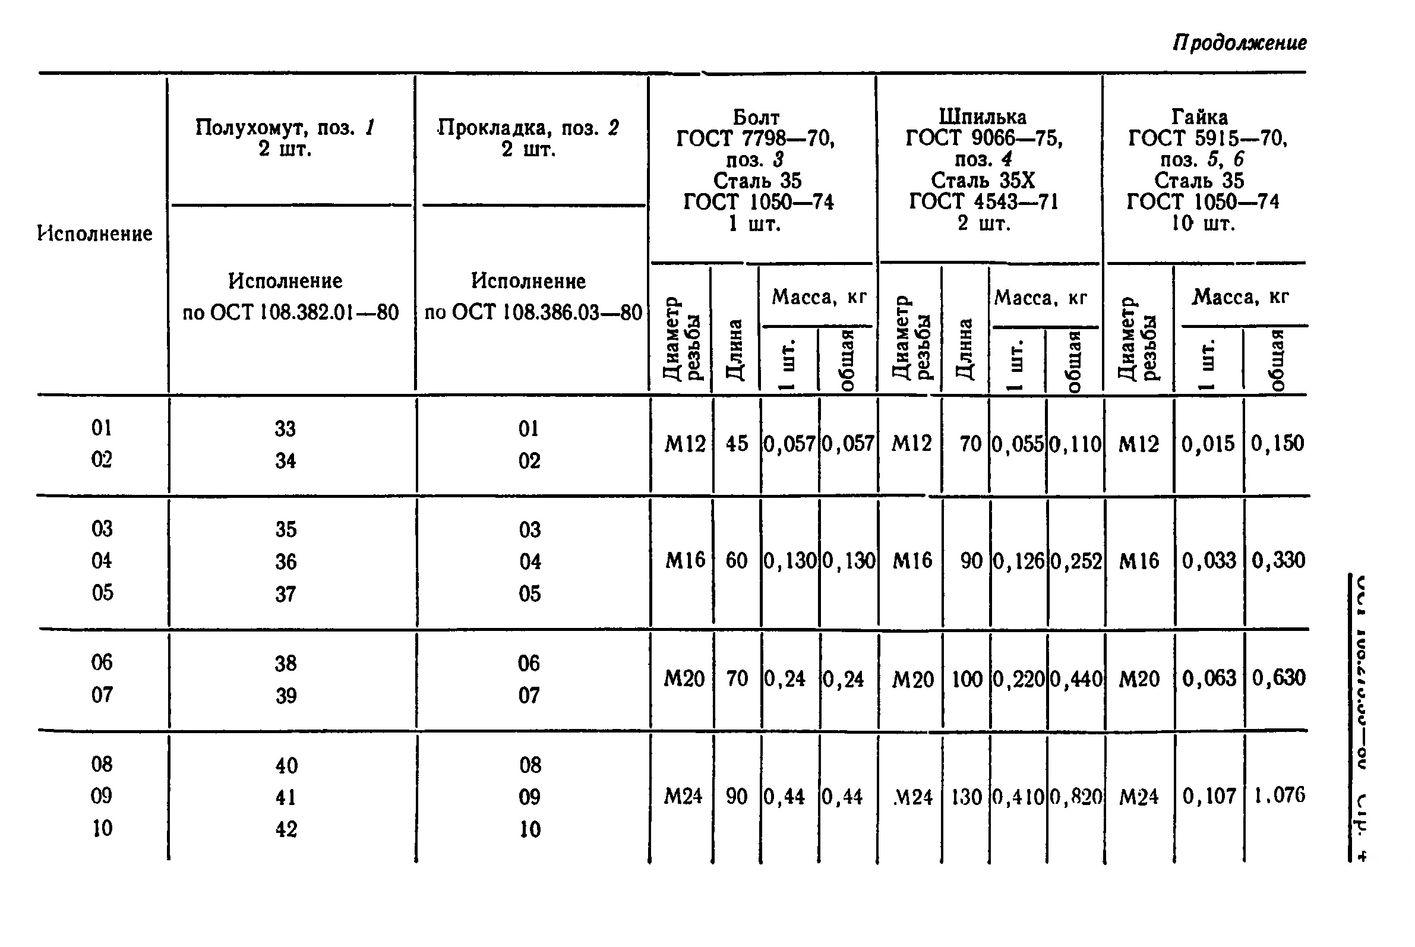 Блоки хомутовые для подвесок горизонтальных трубопроводов ОСТ 108.275.53-80 стр.4